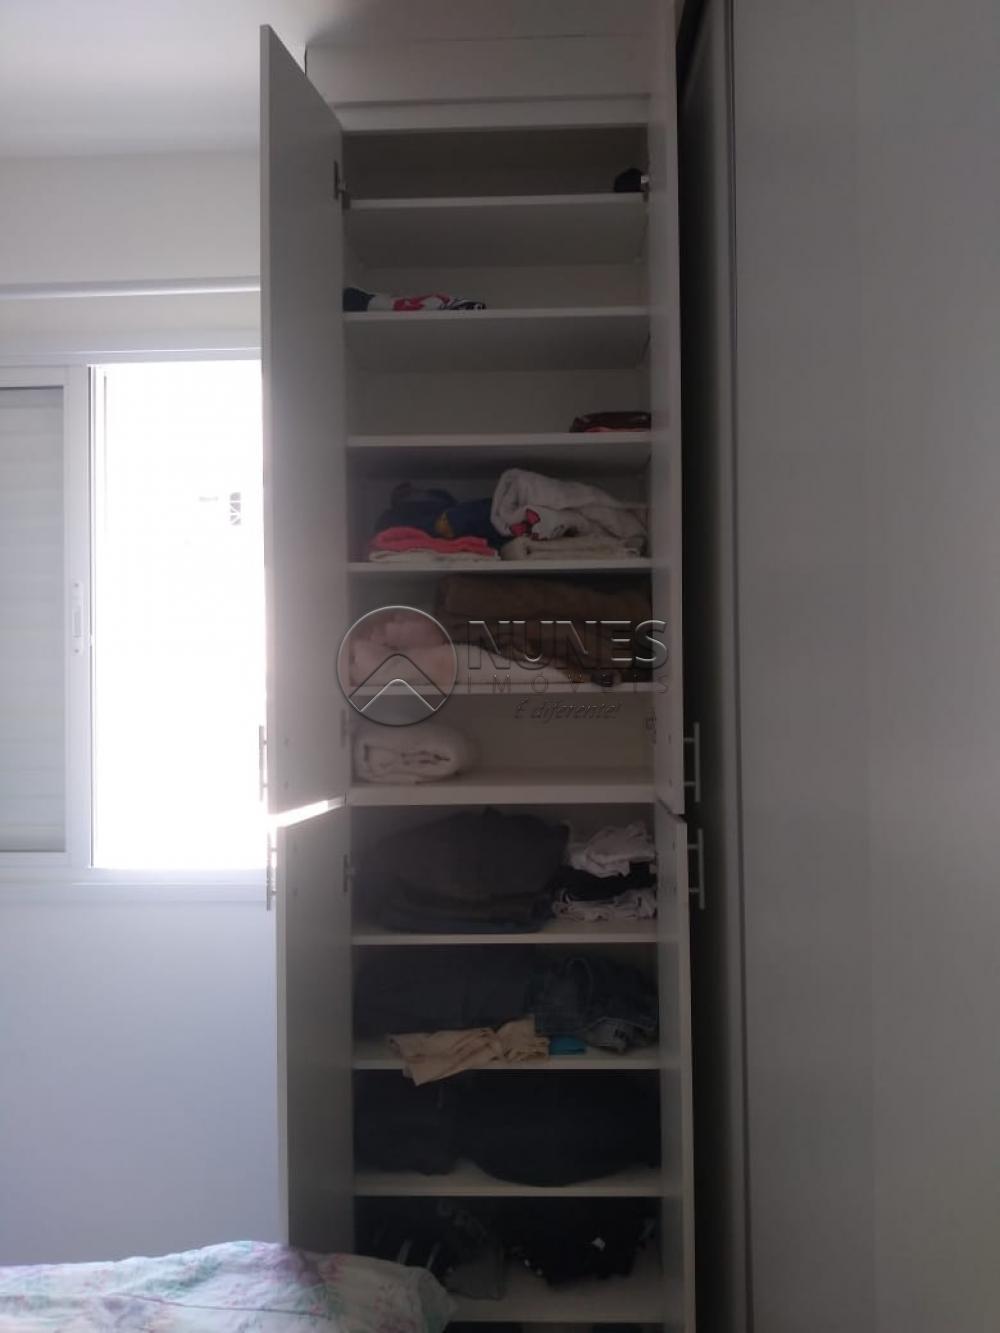 Alugar Apartamento / Padrão em São Paulo apenas R$ 4.900,00 - Foto 42